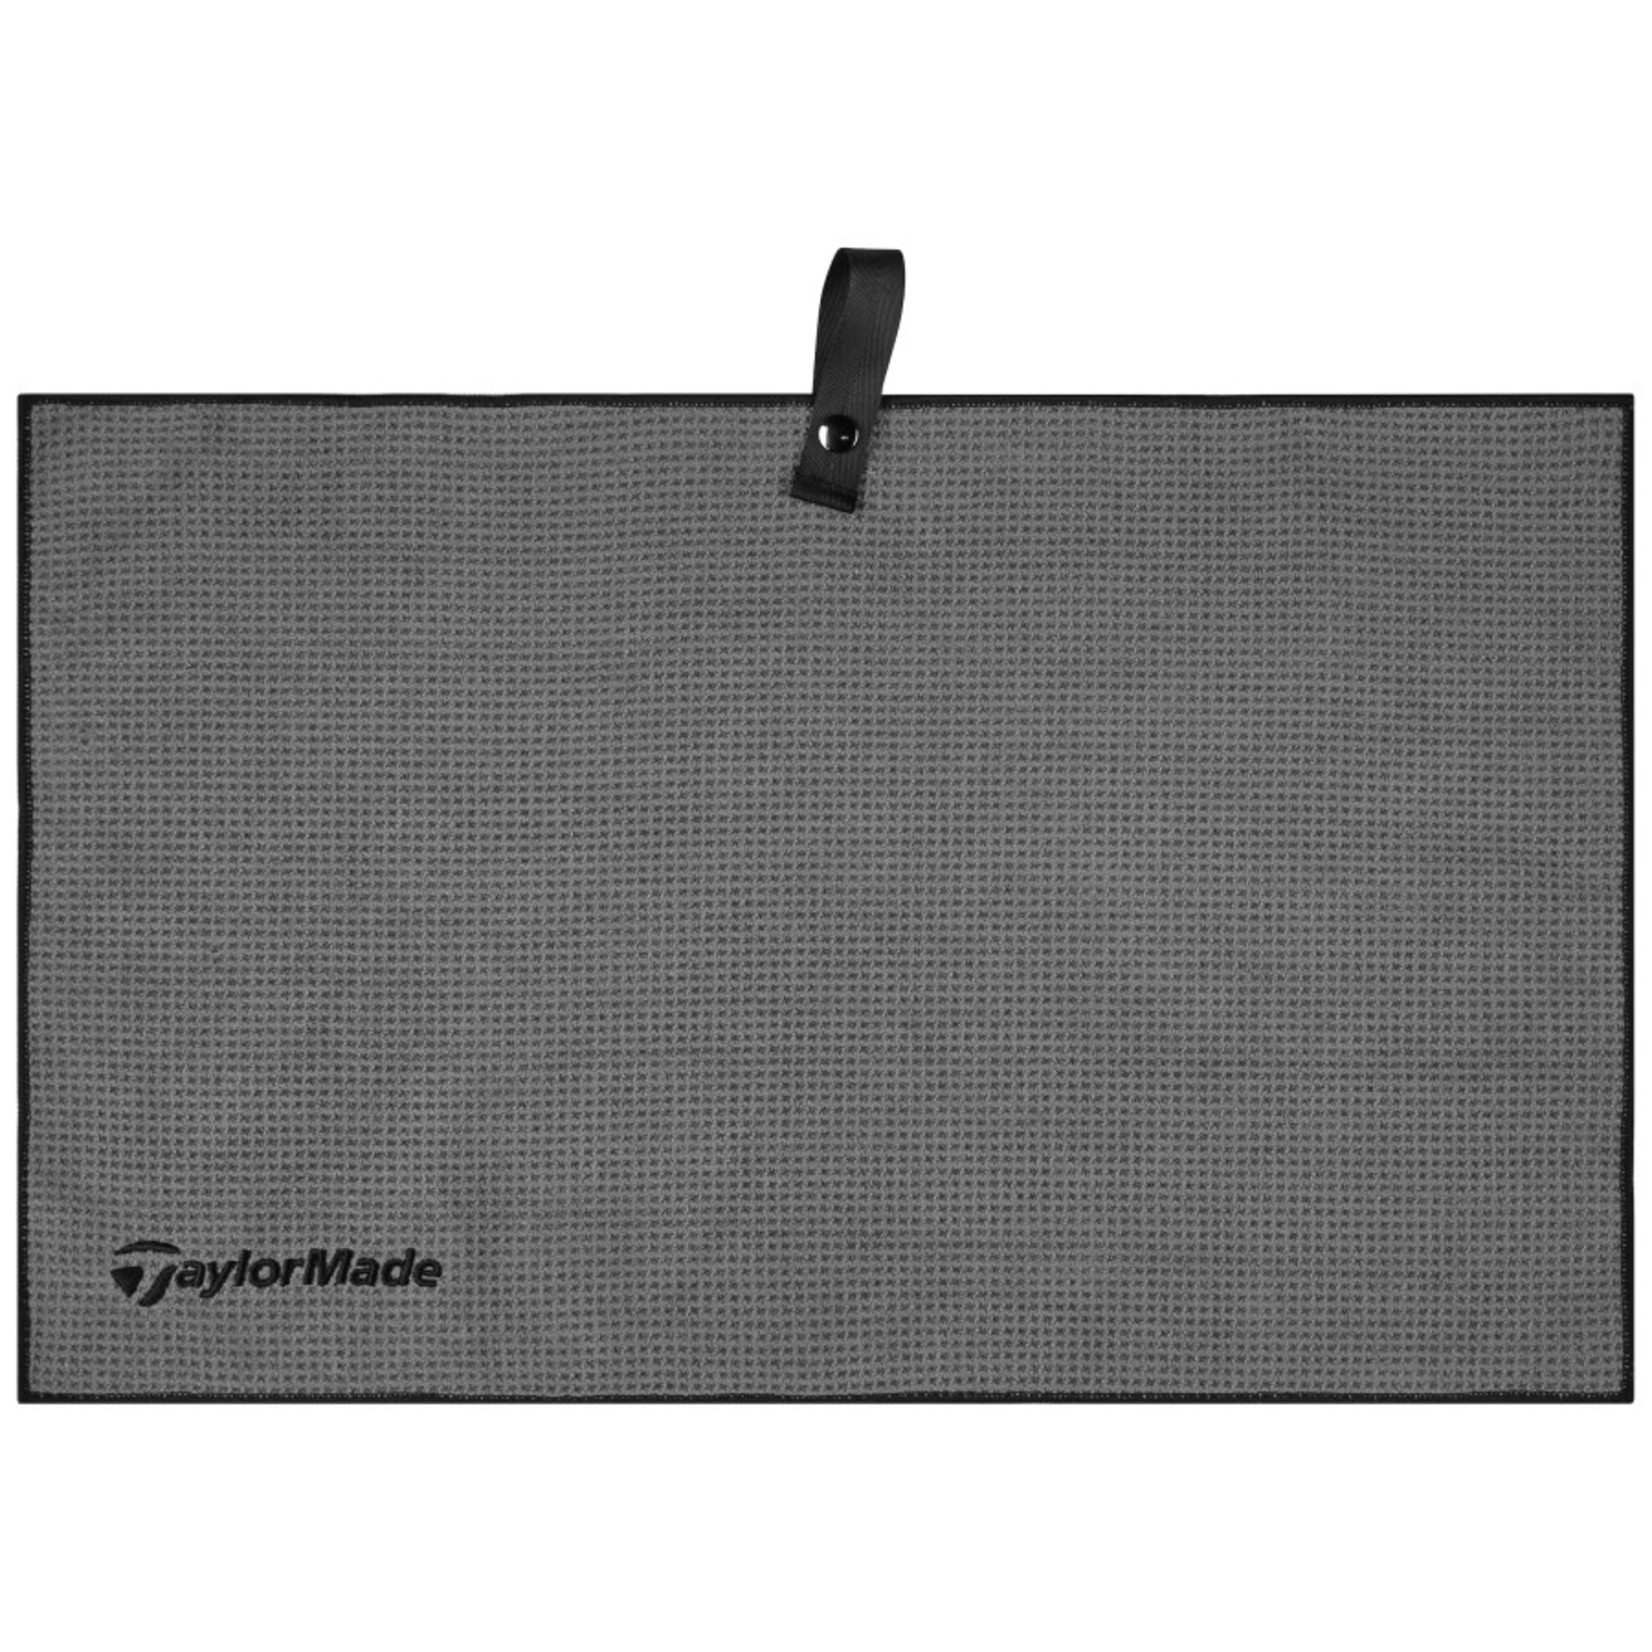 TAYLORMADE TAYLORMADE MICROFIBER CART TOWEL